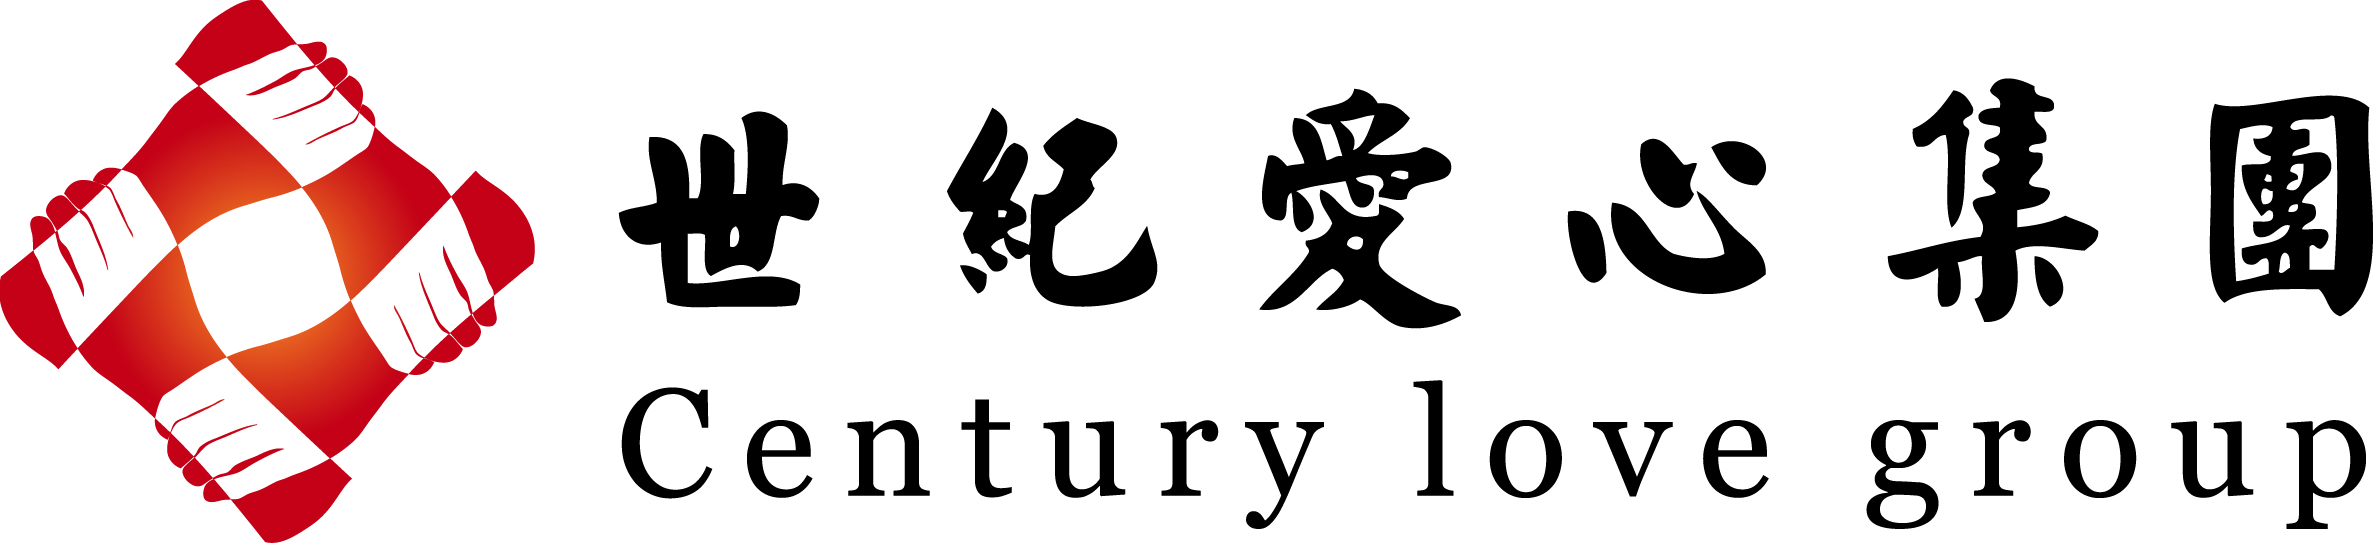 世纪爱心国际投资集团有限公司